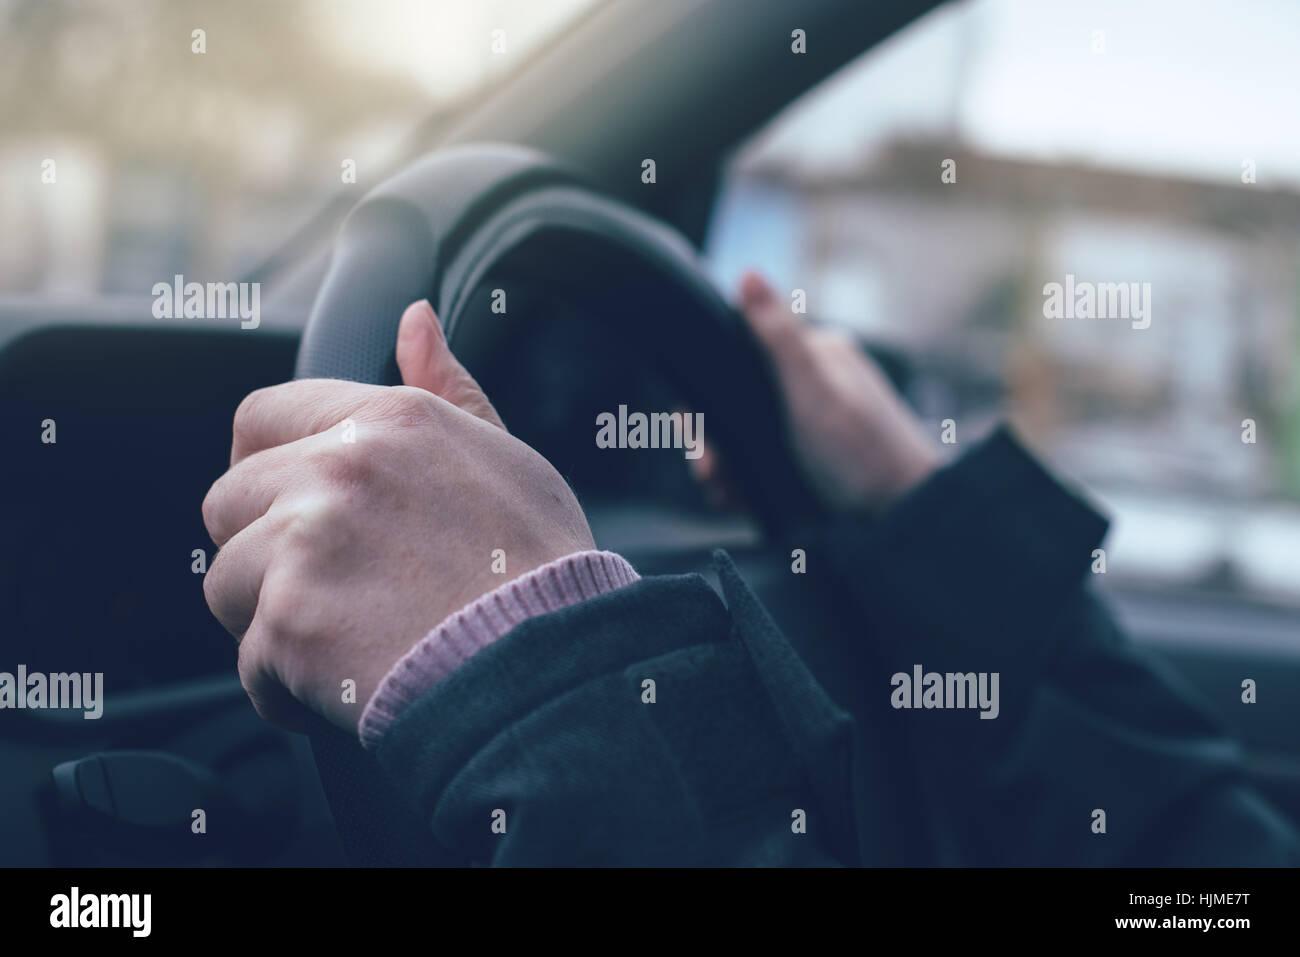 Manos femeninas se agarra al volante de un coche, junto con el enfoque selectivo Imagen De Stock